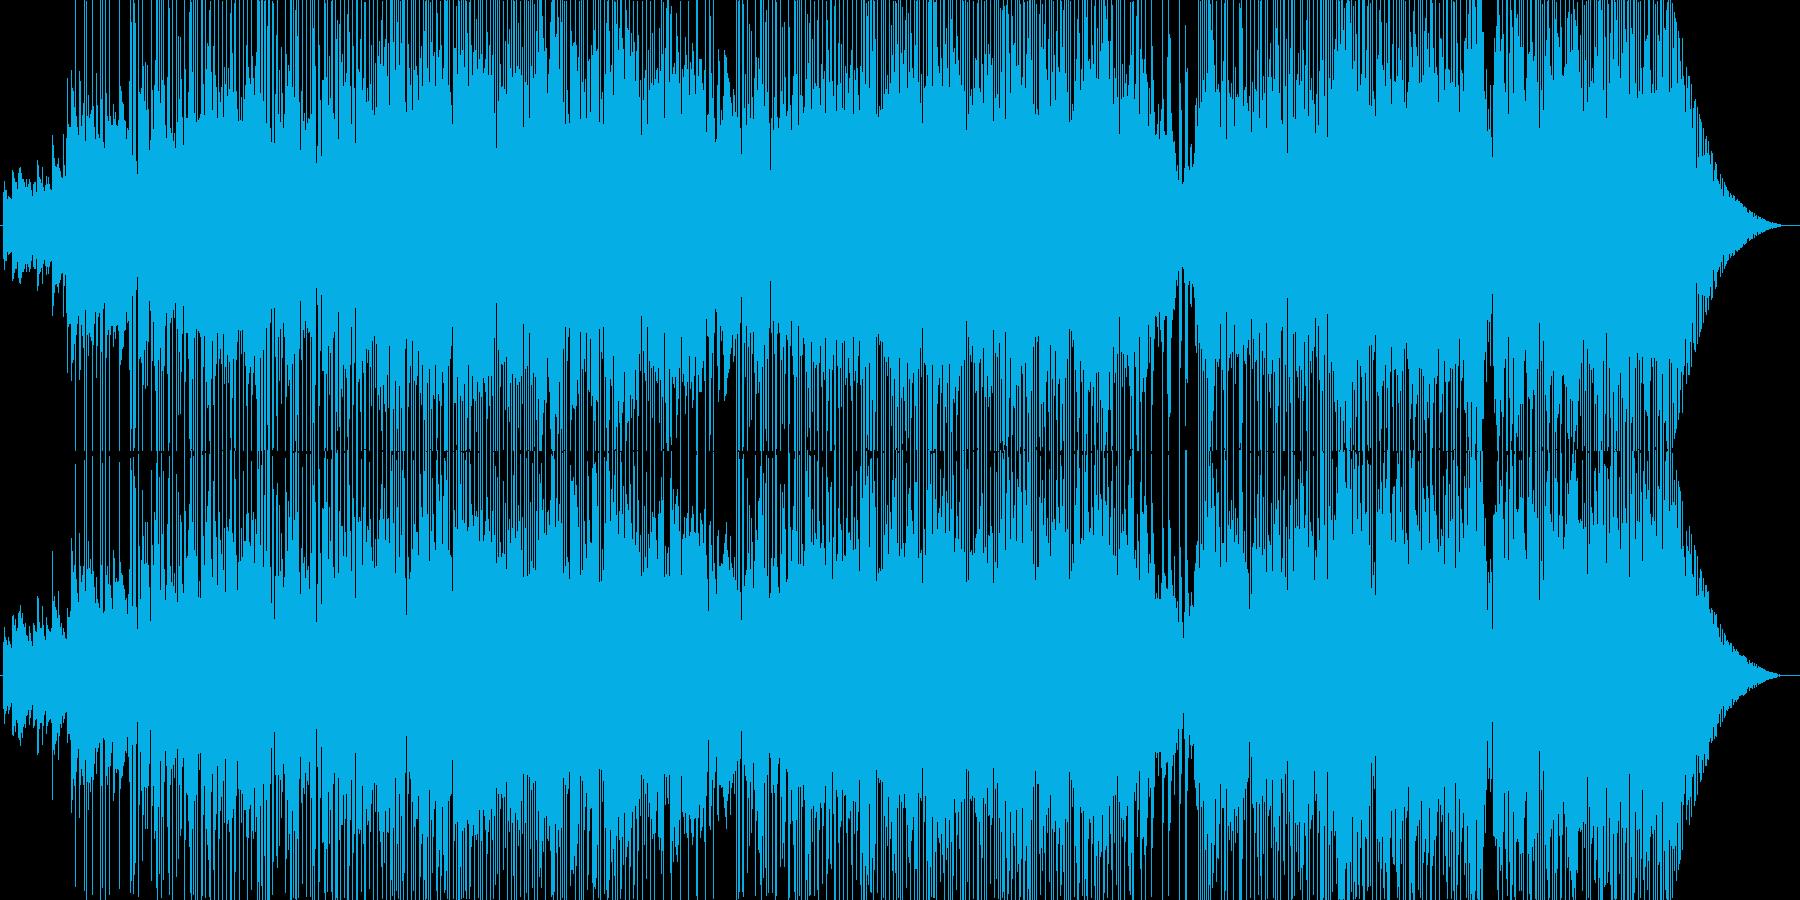 英語/女性ボーカル/生録/シティーポップの再生済みの波形